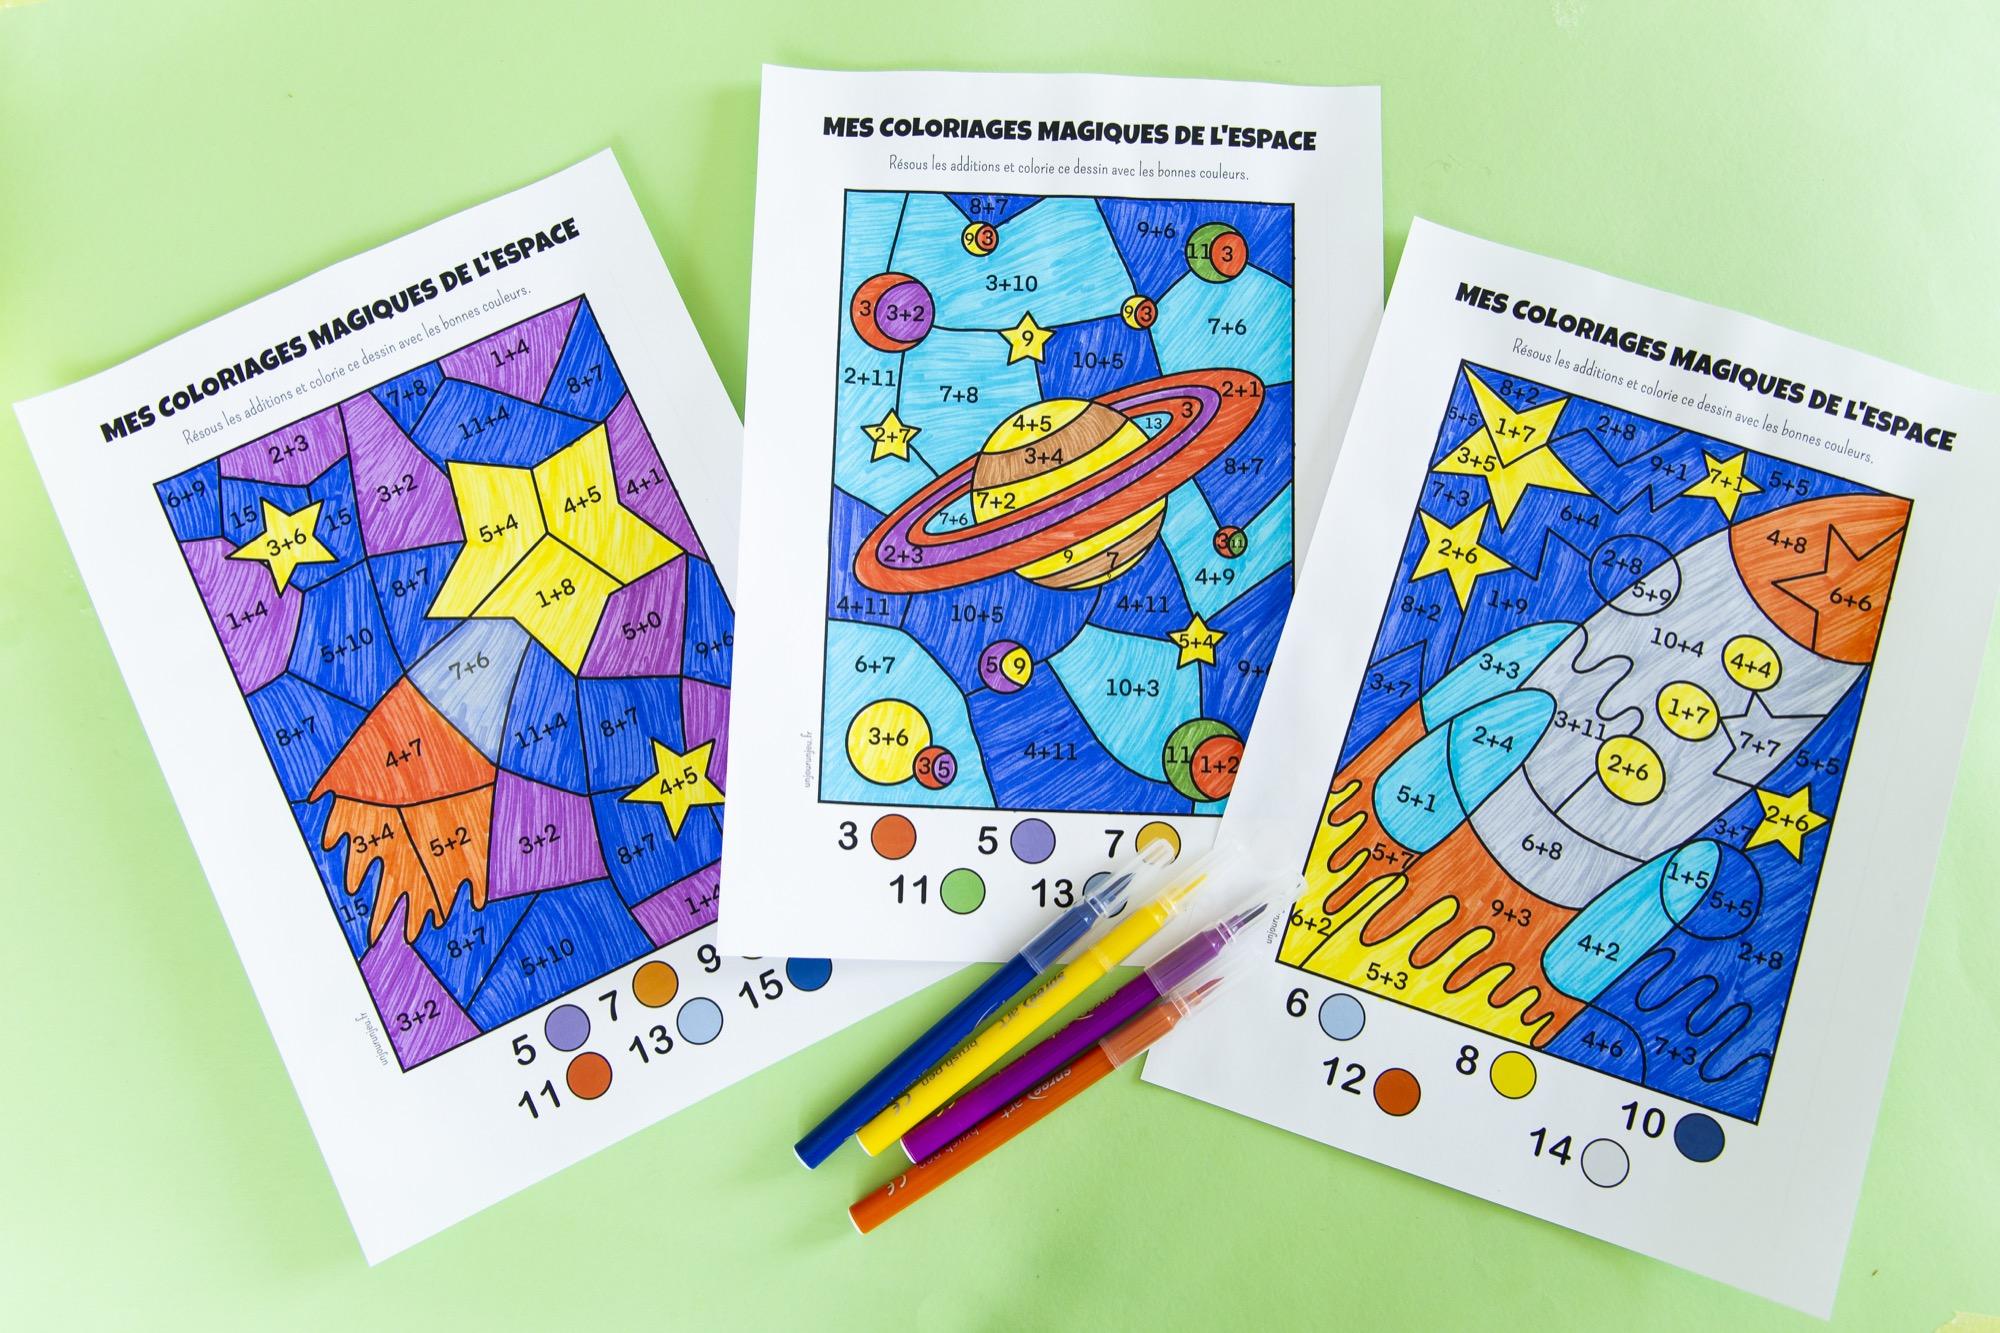 Coloriages magiques de l'espace